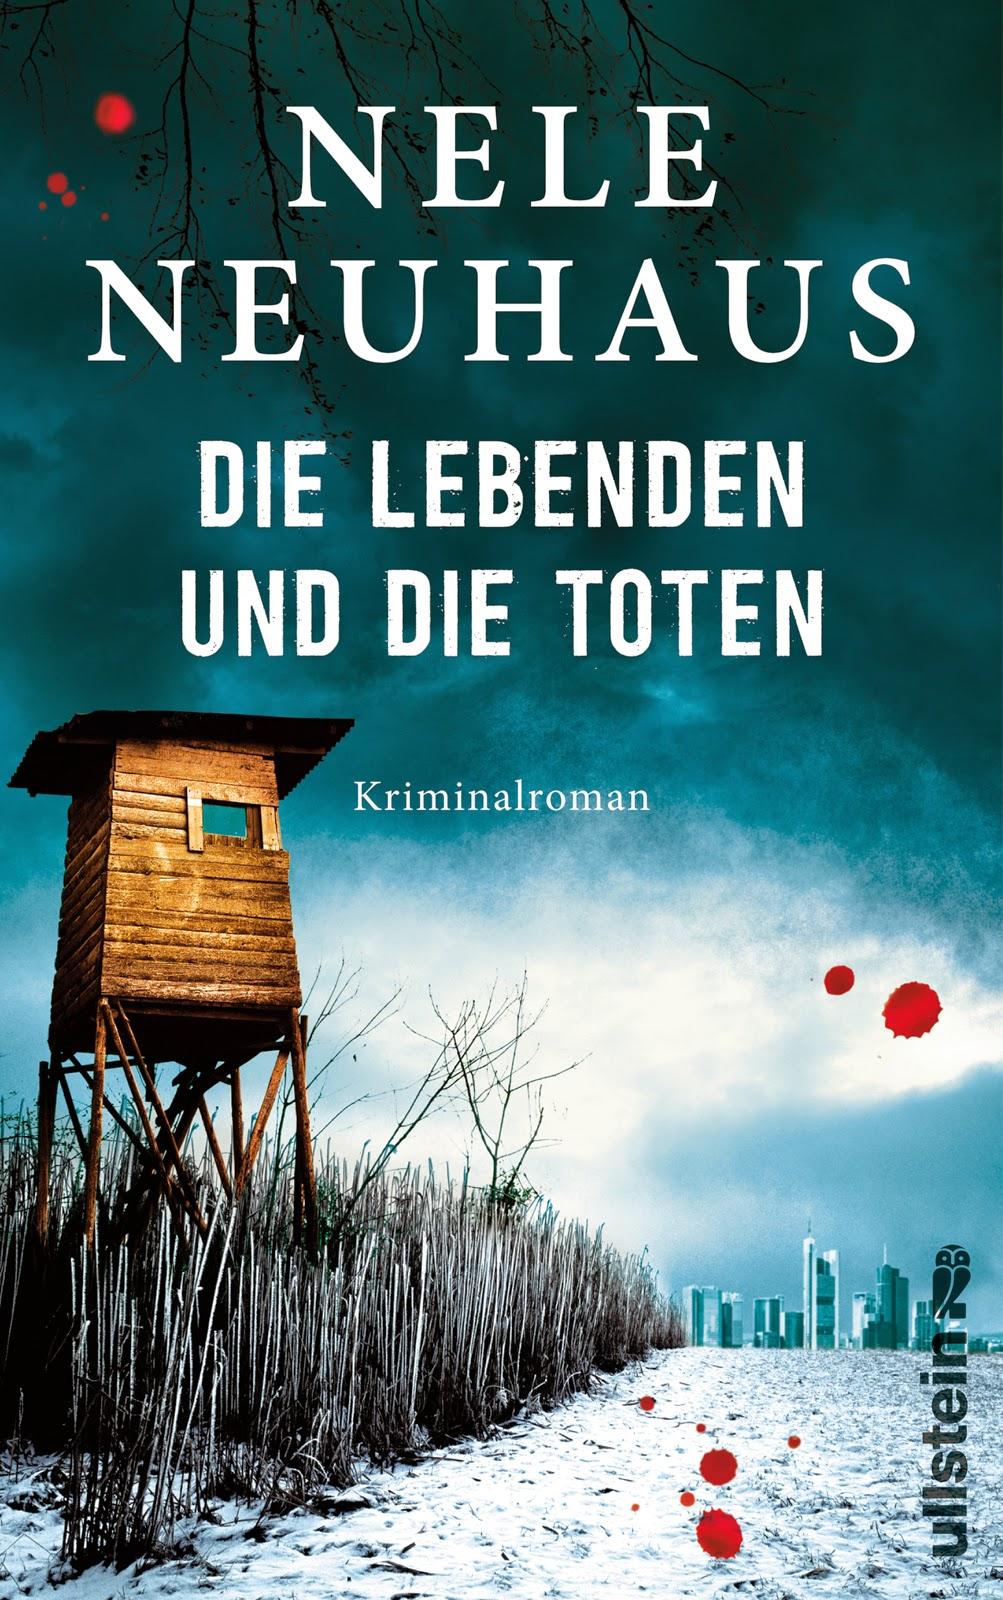 http://www.ullsteinbuchverlage.de/nc/buch/details/die-lebenden-und-die-toten-9783550080548.html